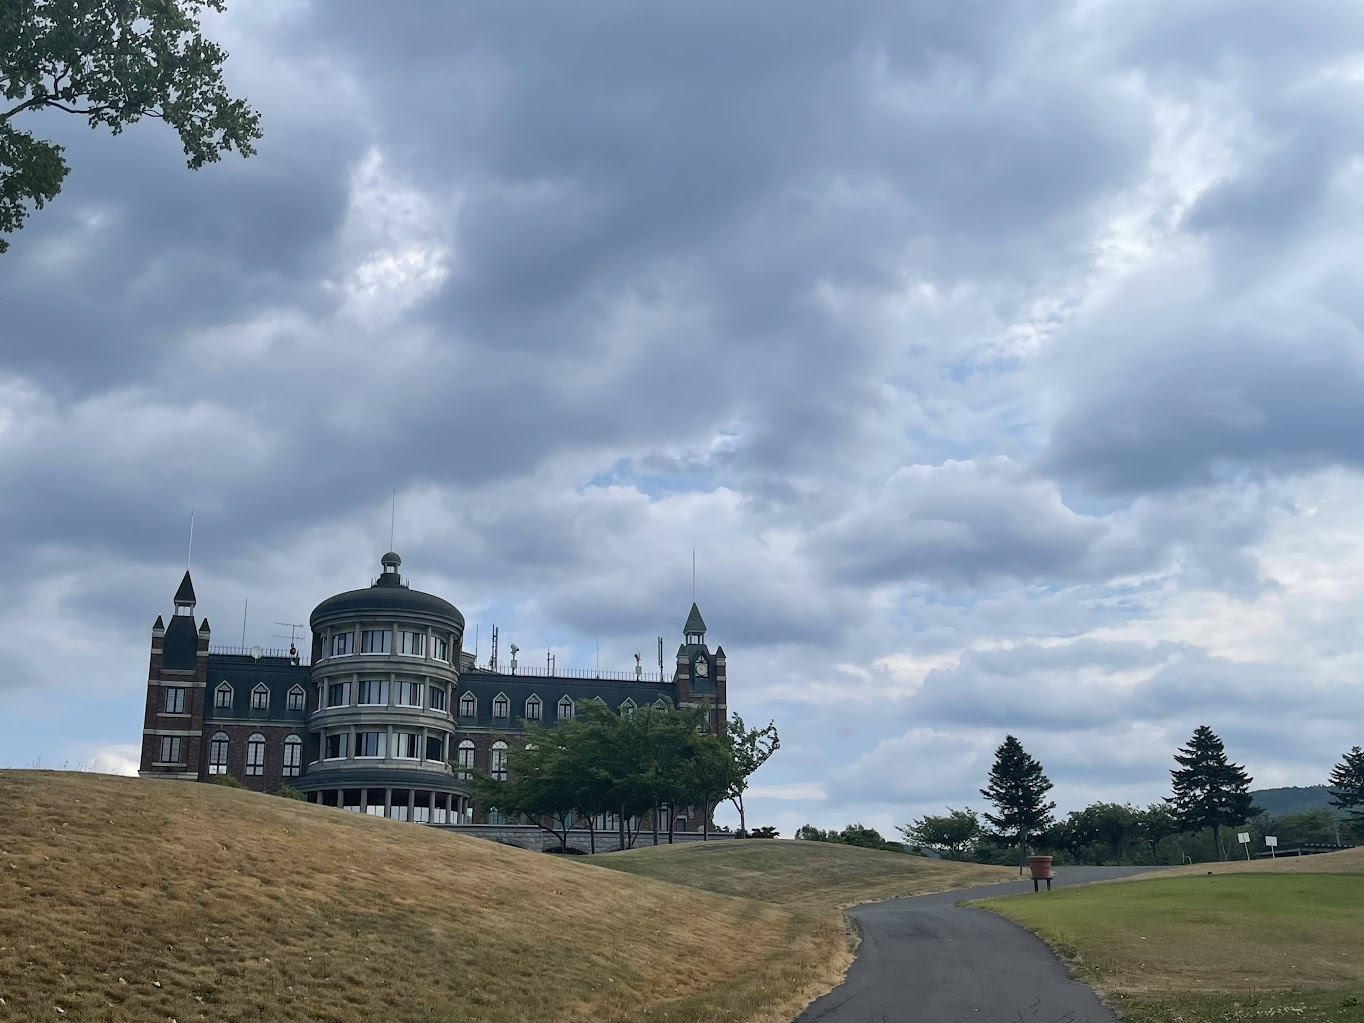 2021年夏ゴルフ合宿 3戦目/北海道 – エーヴランドゴルフクラブ